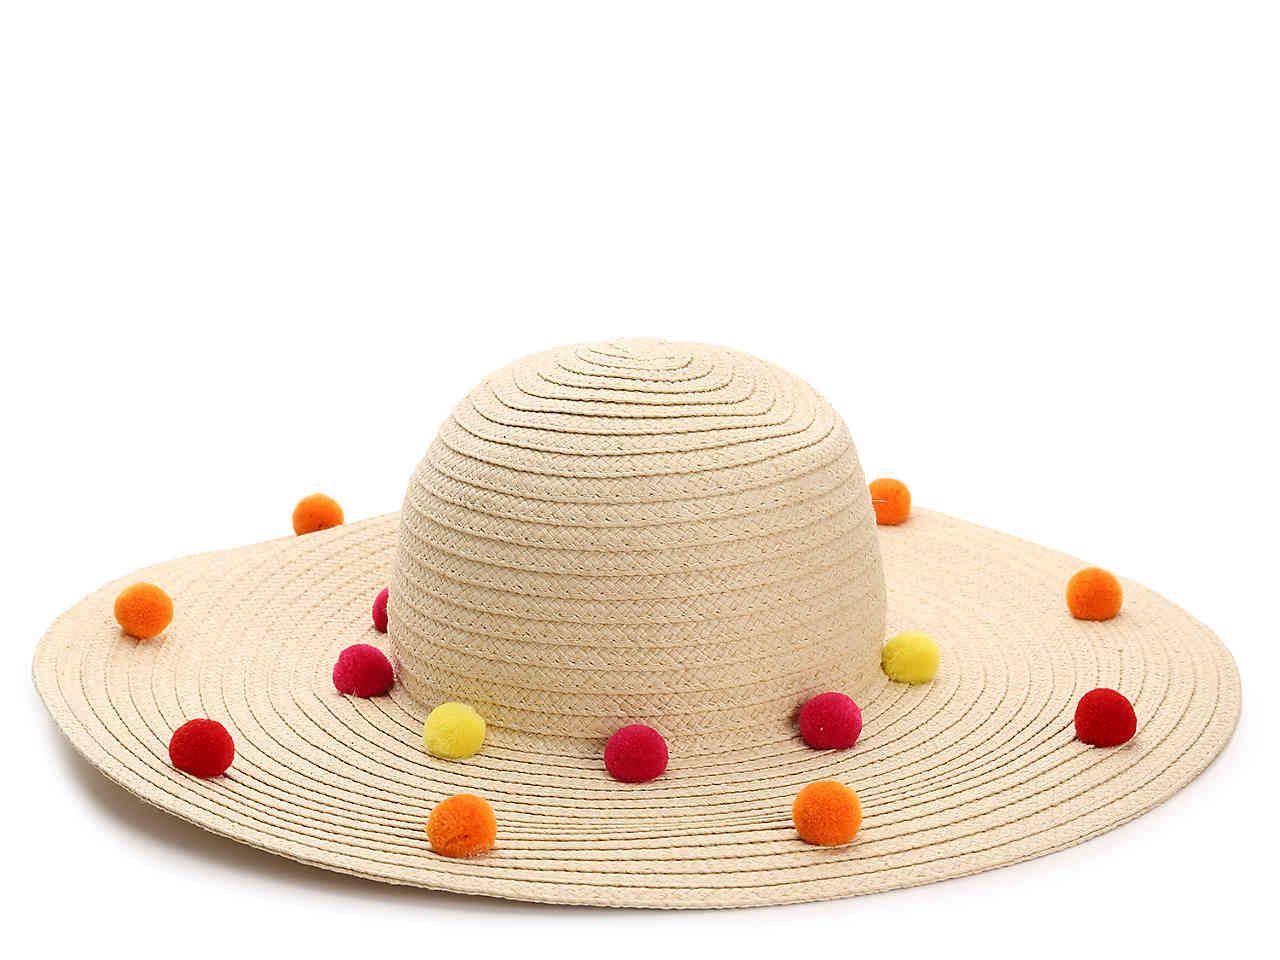 359721b654075 Funfetti Pom Floppy Hat Pom Poms